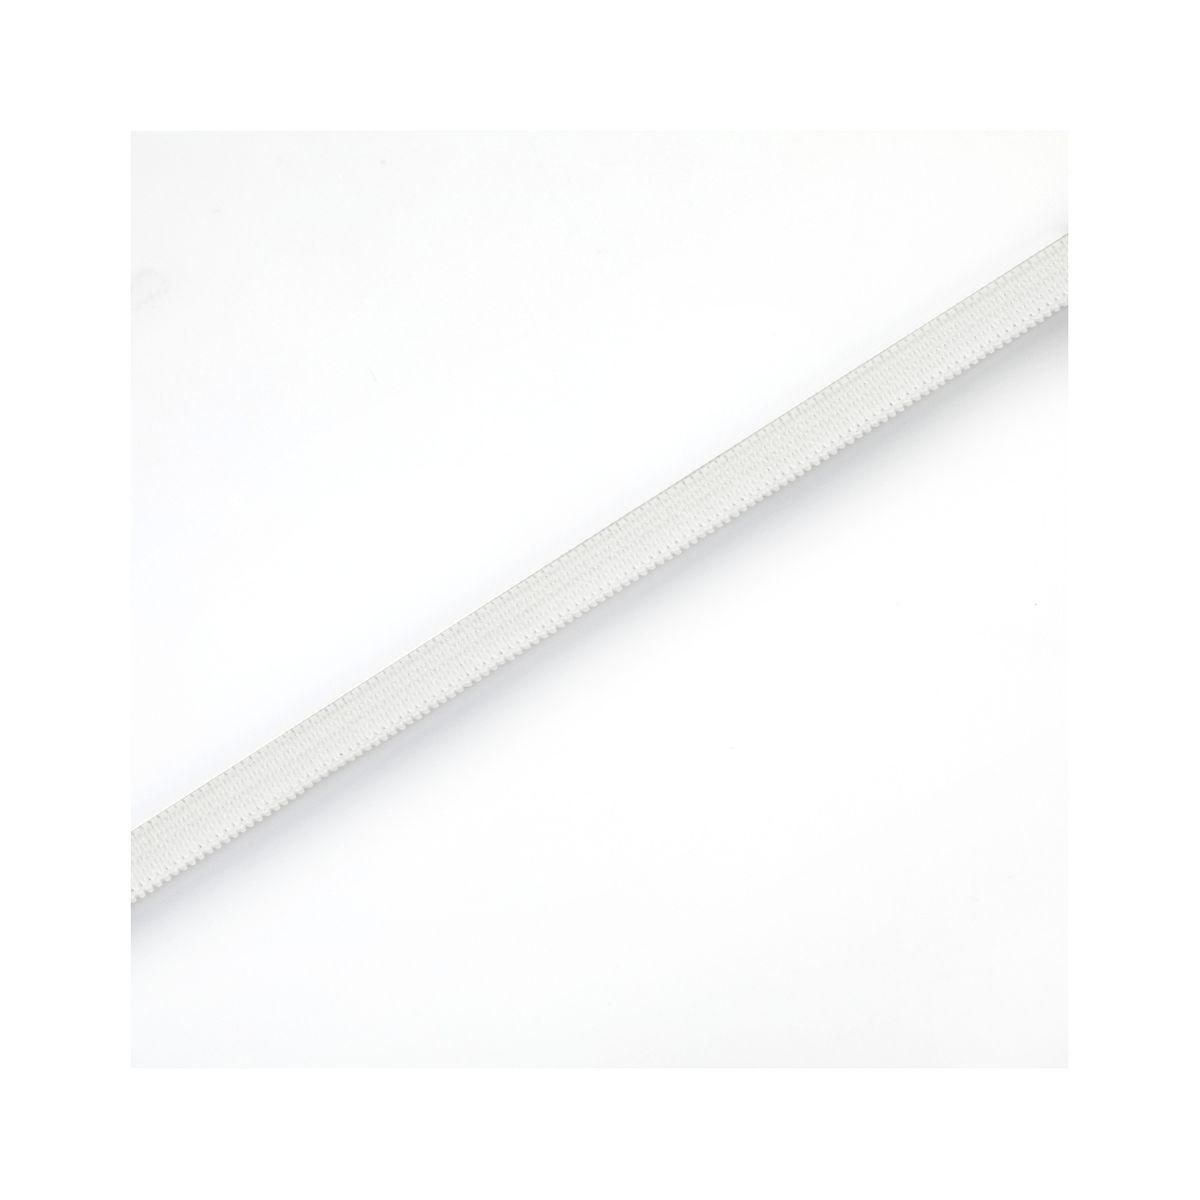 Prym Elastic-Band super soft 15m 7mm breit